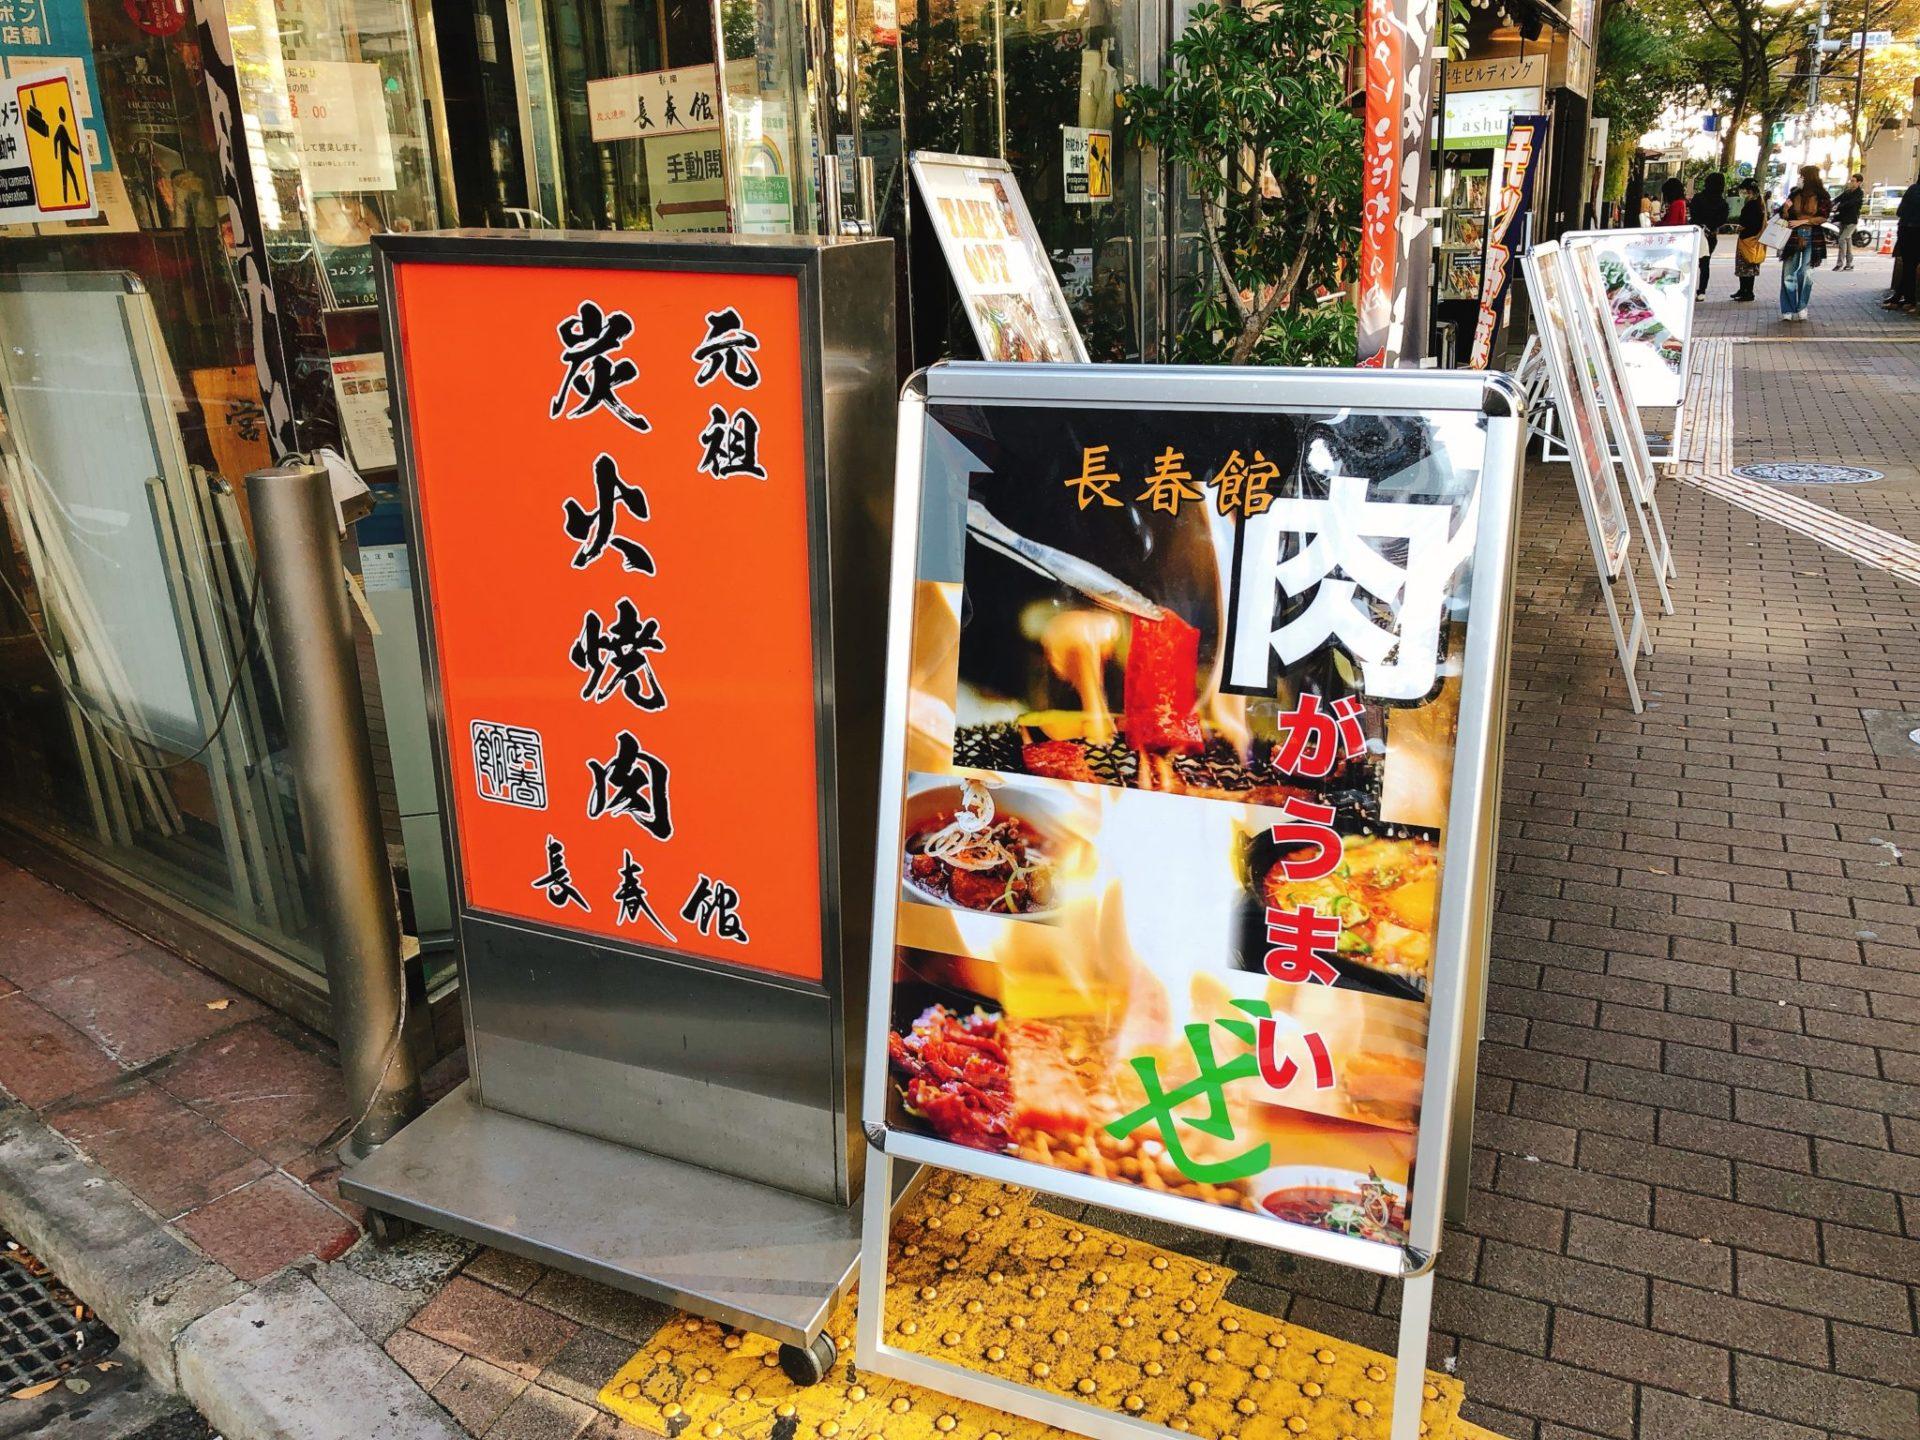 長春館(チョウシュンカン)新宿の看板